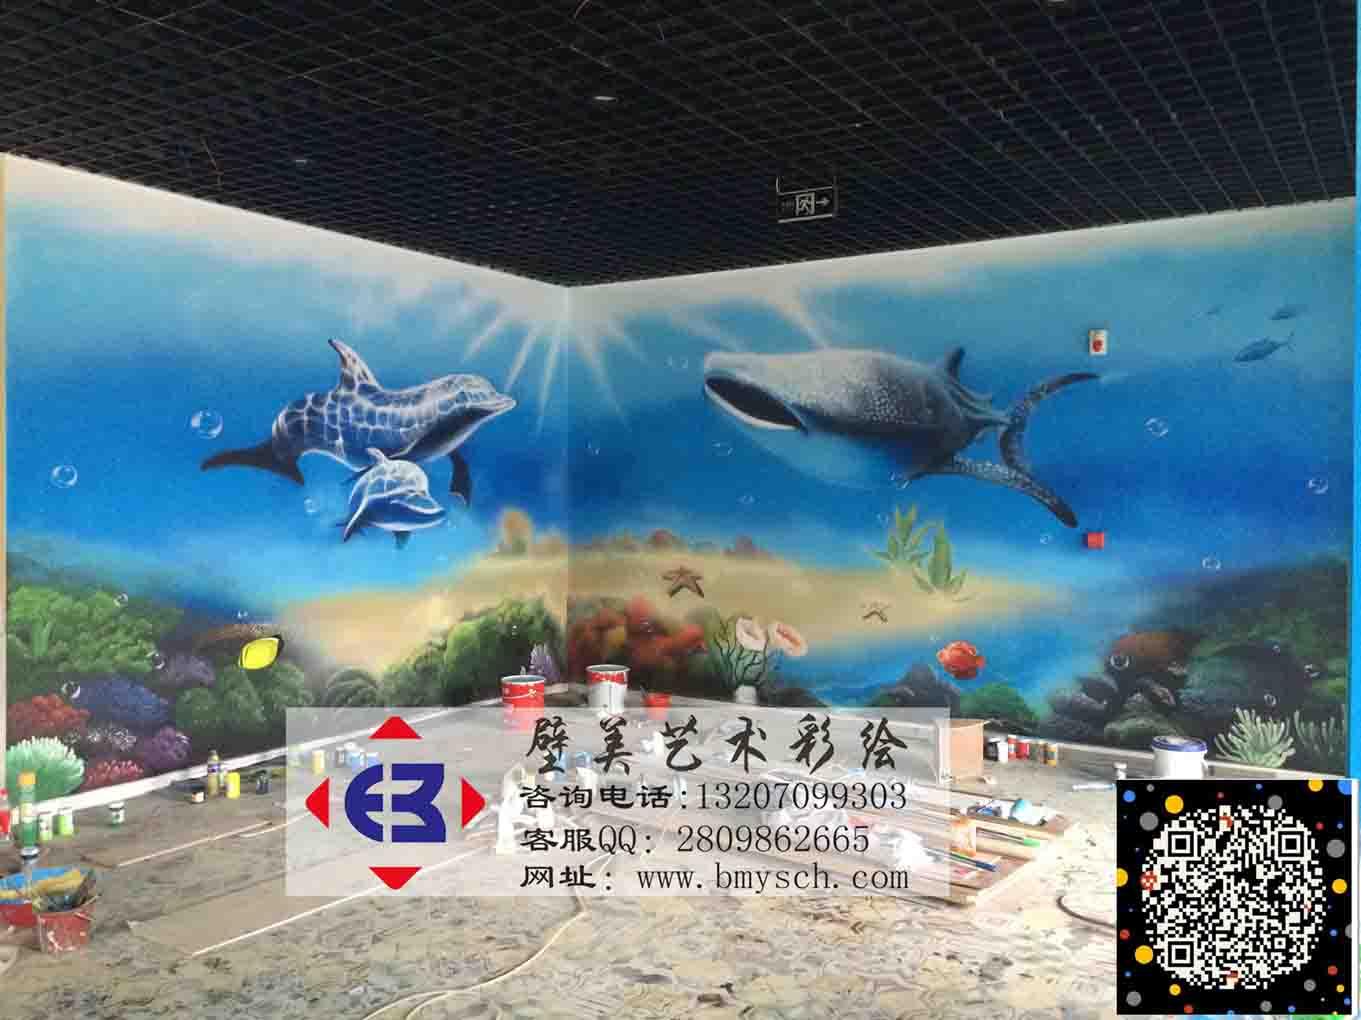 南昌酒店餐厅主题壁画彩绘